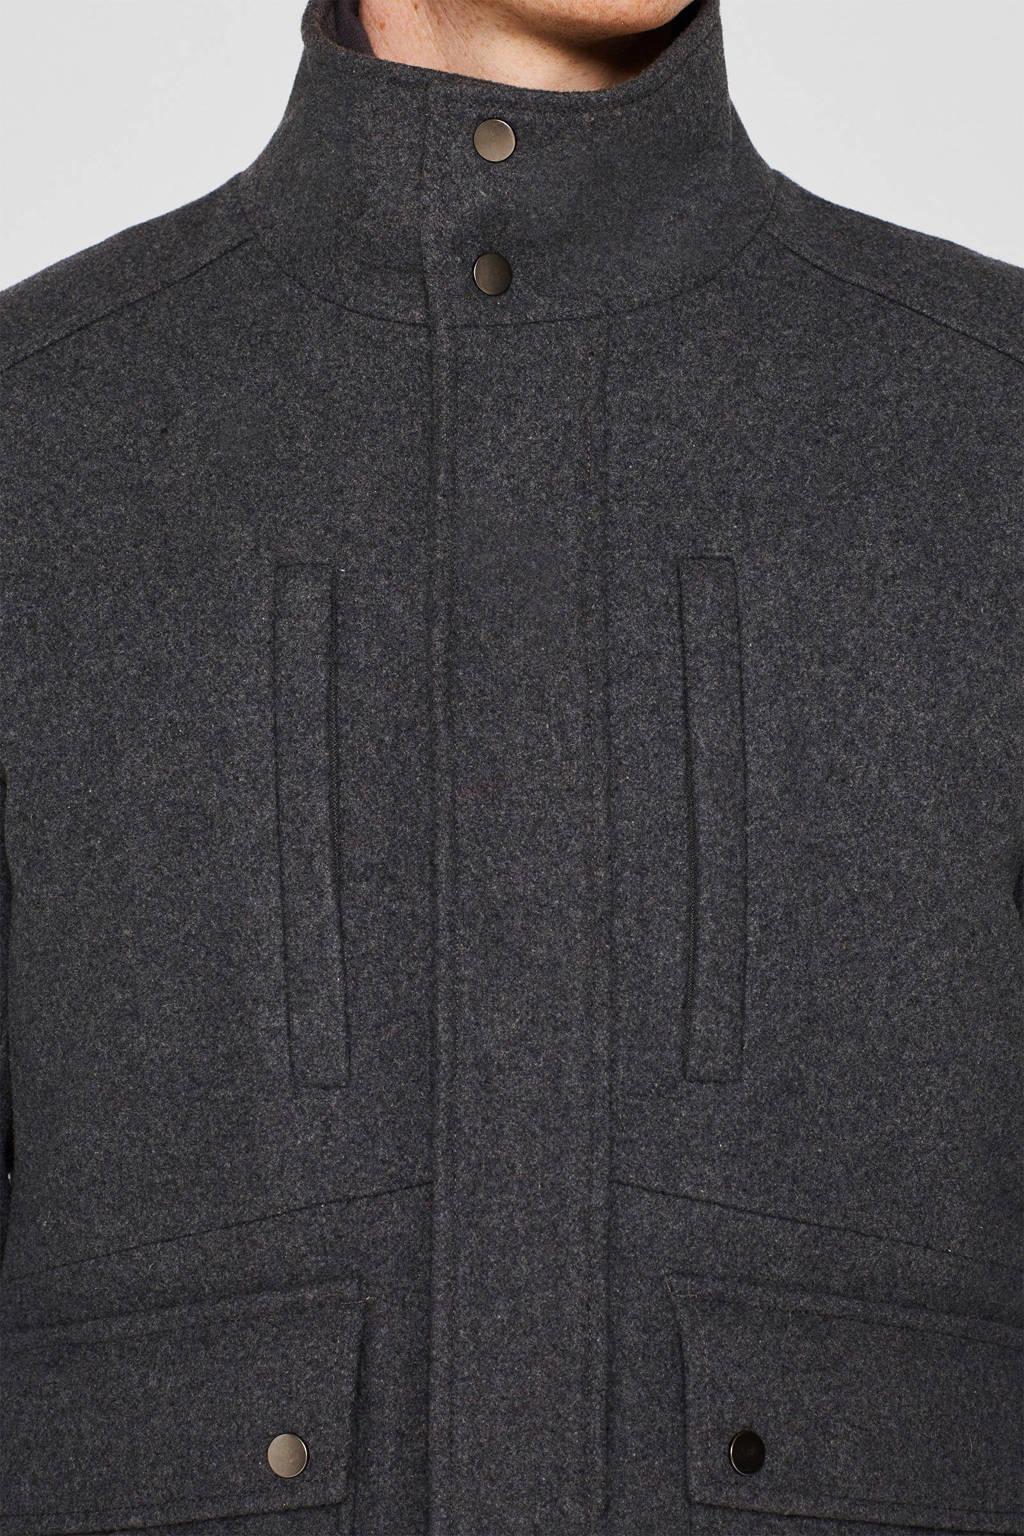 ESPRIT Men Casual winterjas met wol grijs, Grijs